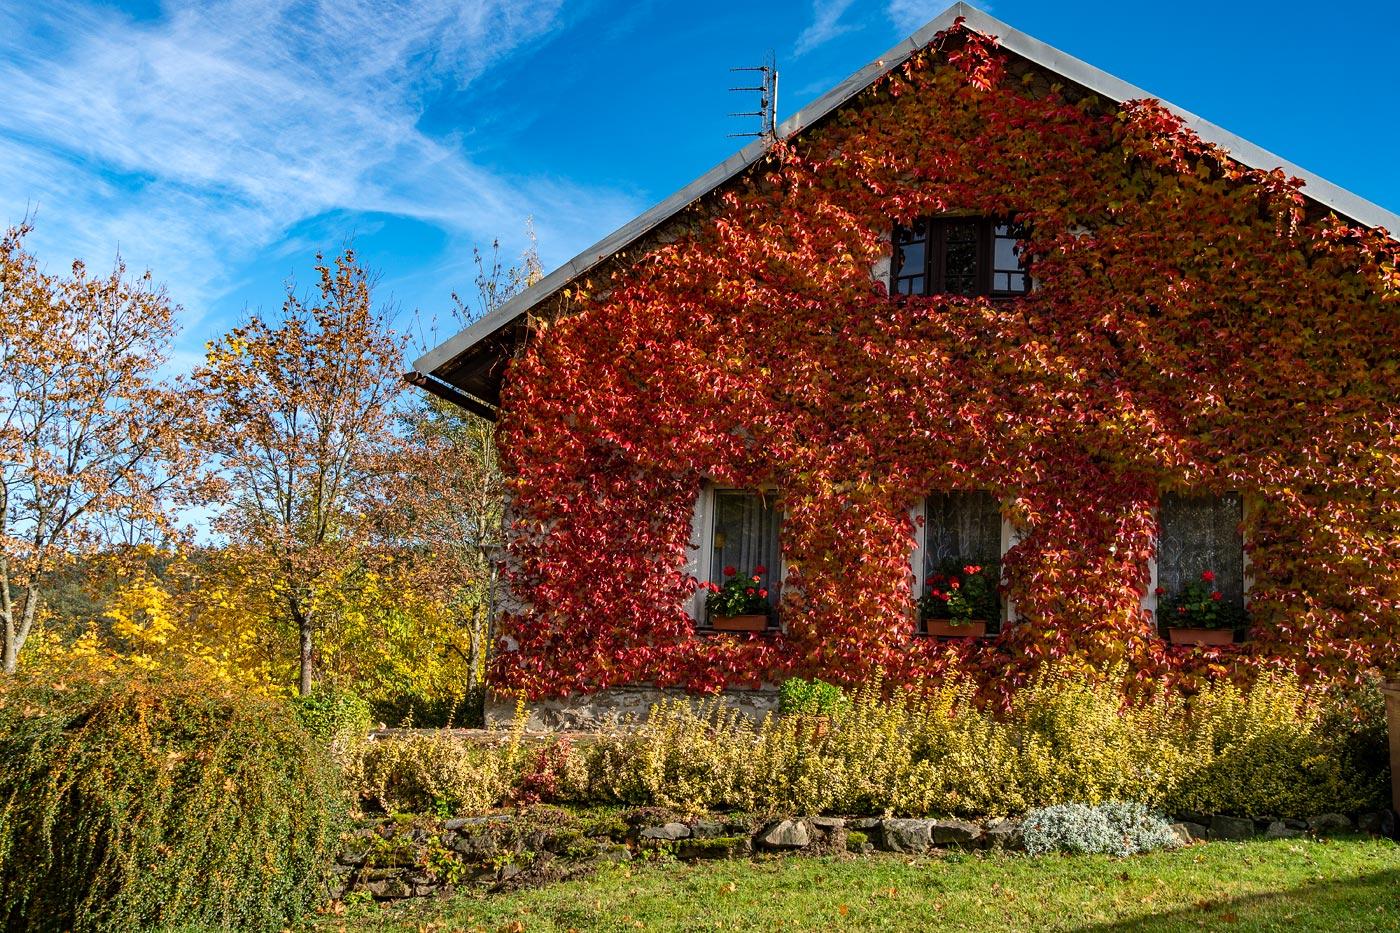 Дом, заплетенный виноградом